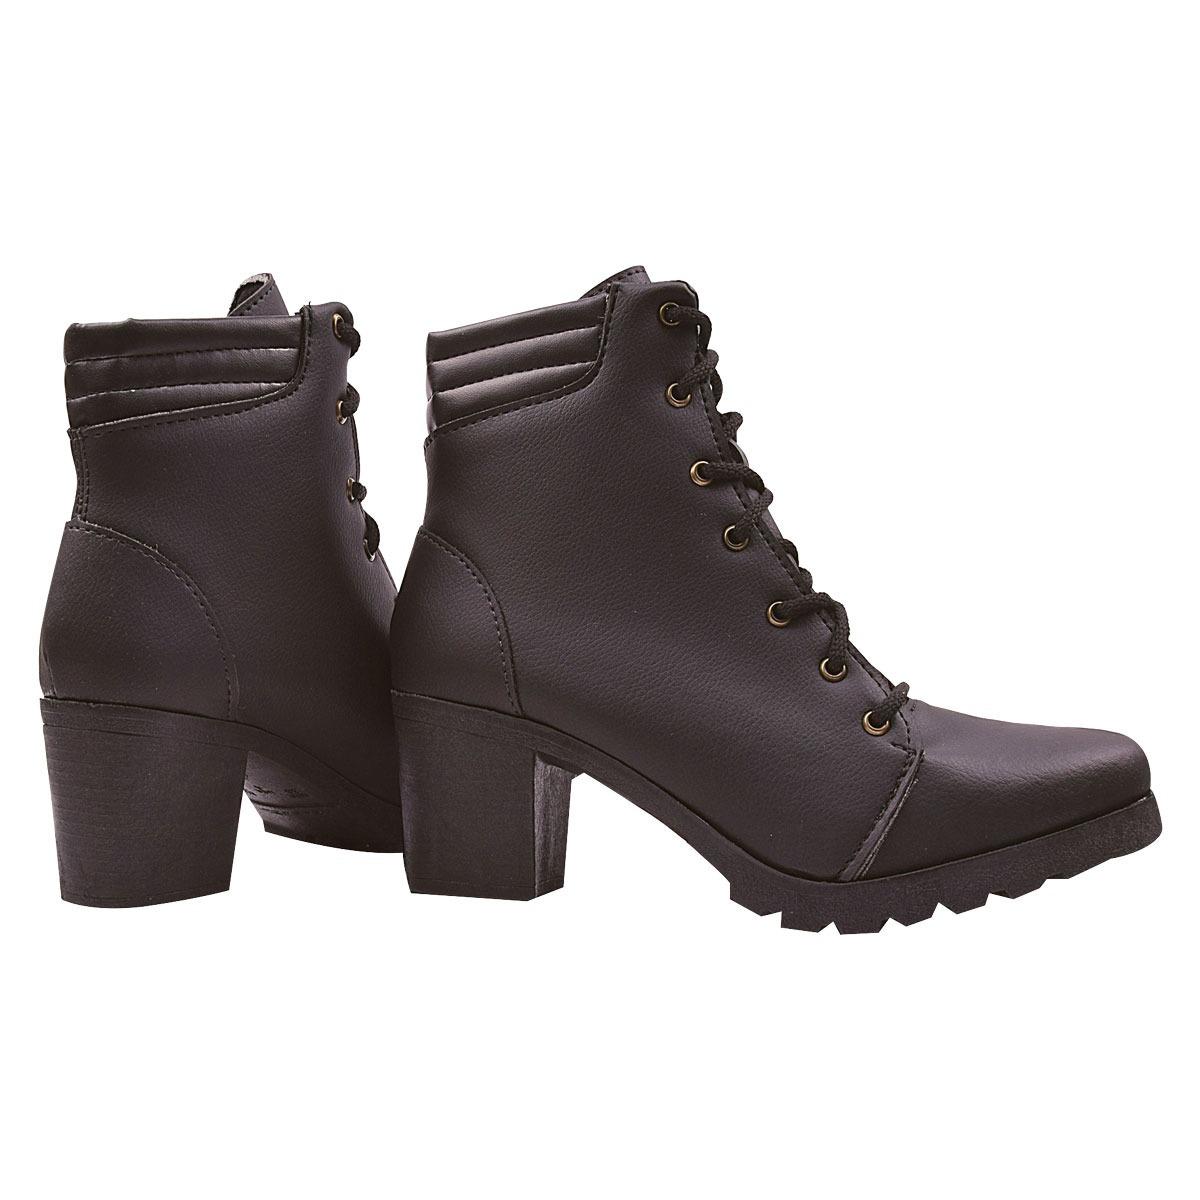 1ca9d13a86 coturno bota feminina cano curto salto alto tratorado jln774. Carregando  zoom.